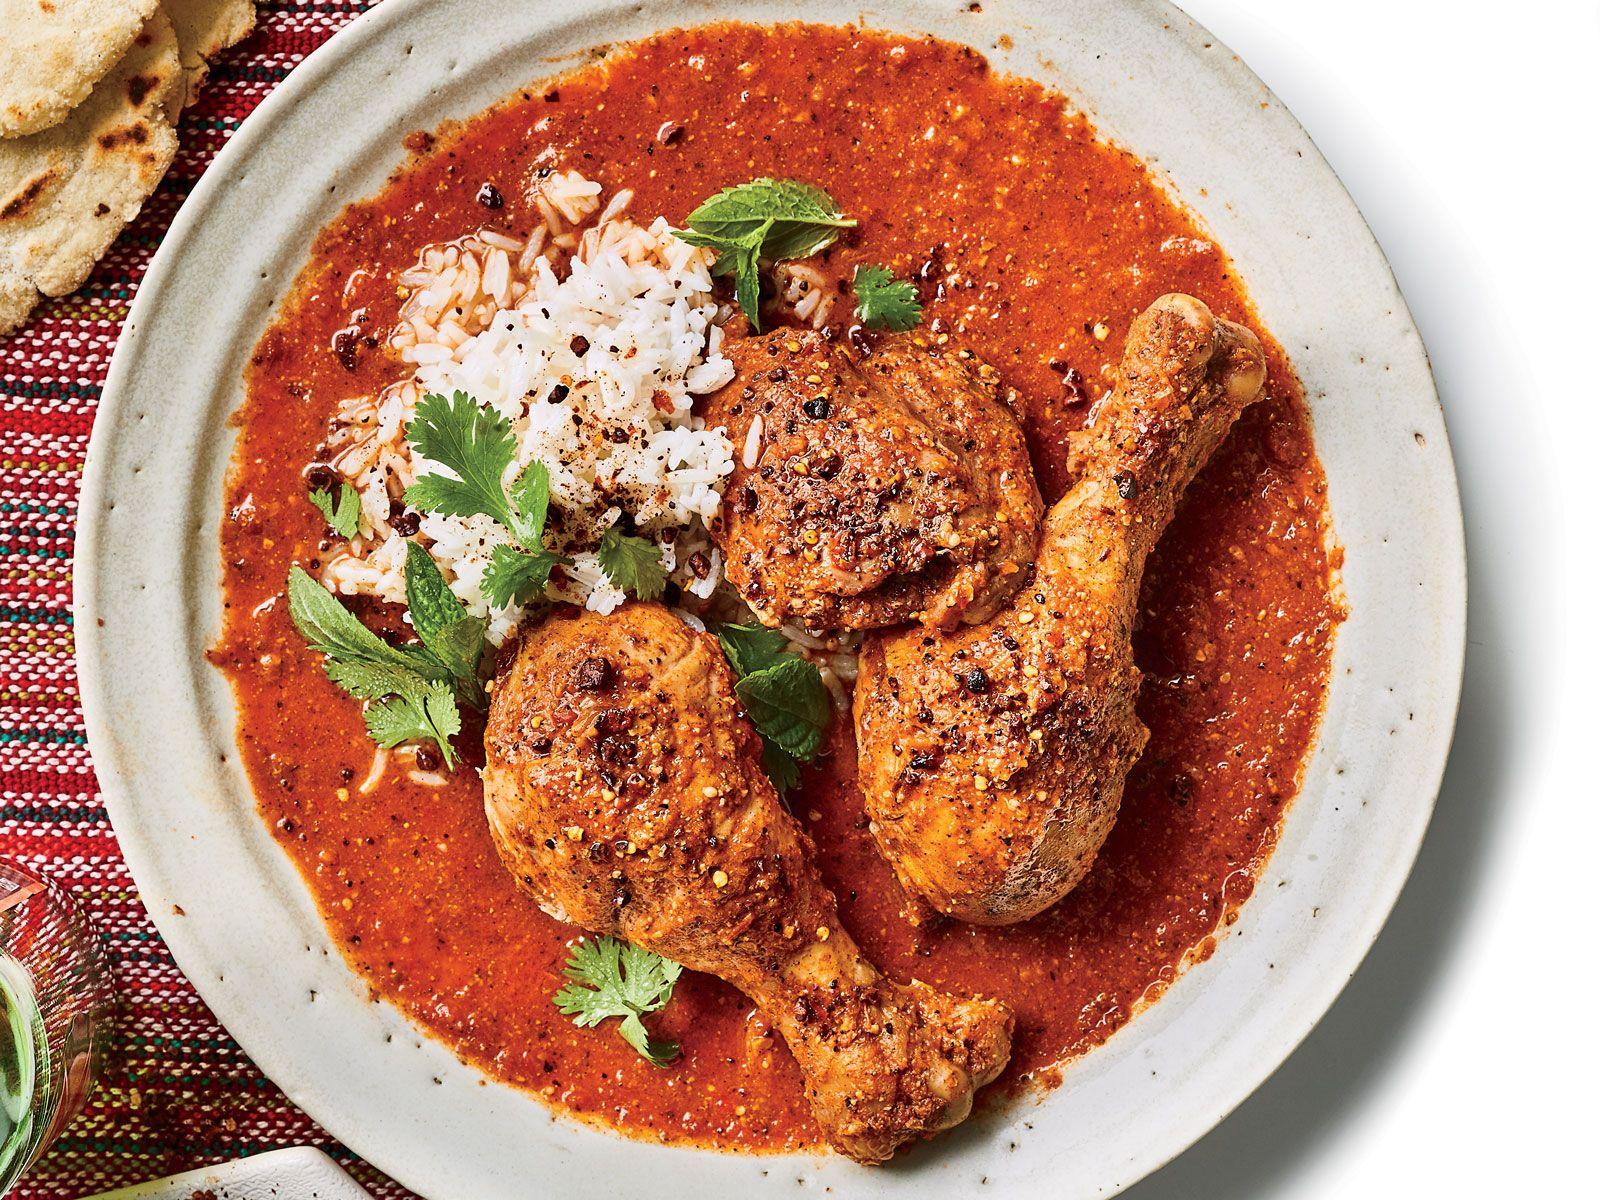 17 Warming Chicken Stew Recipes In 2020 Stew Chicken Recipe Chicken Stew Stew Recipes